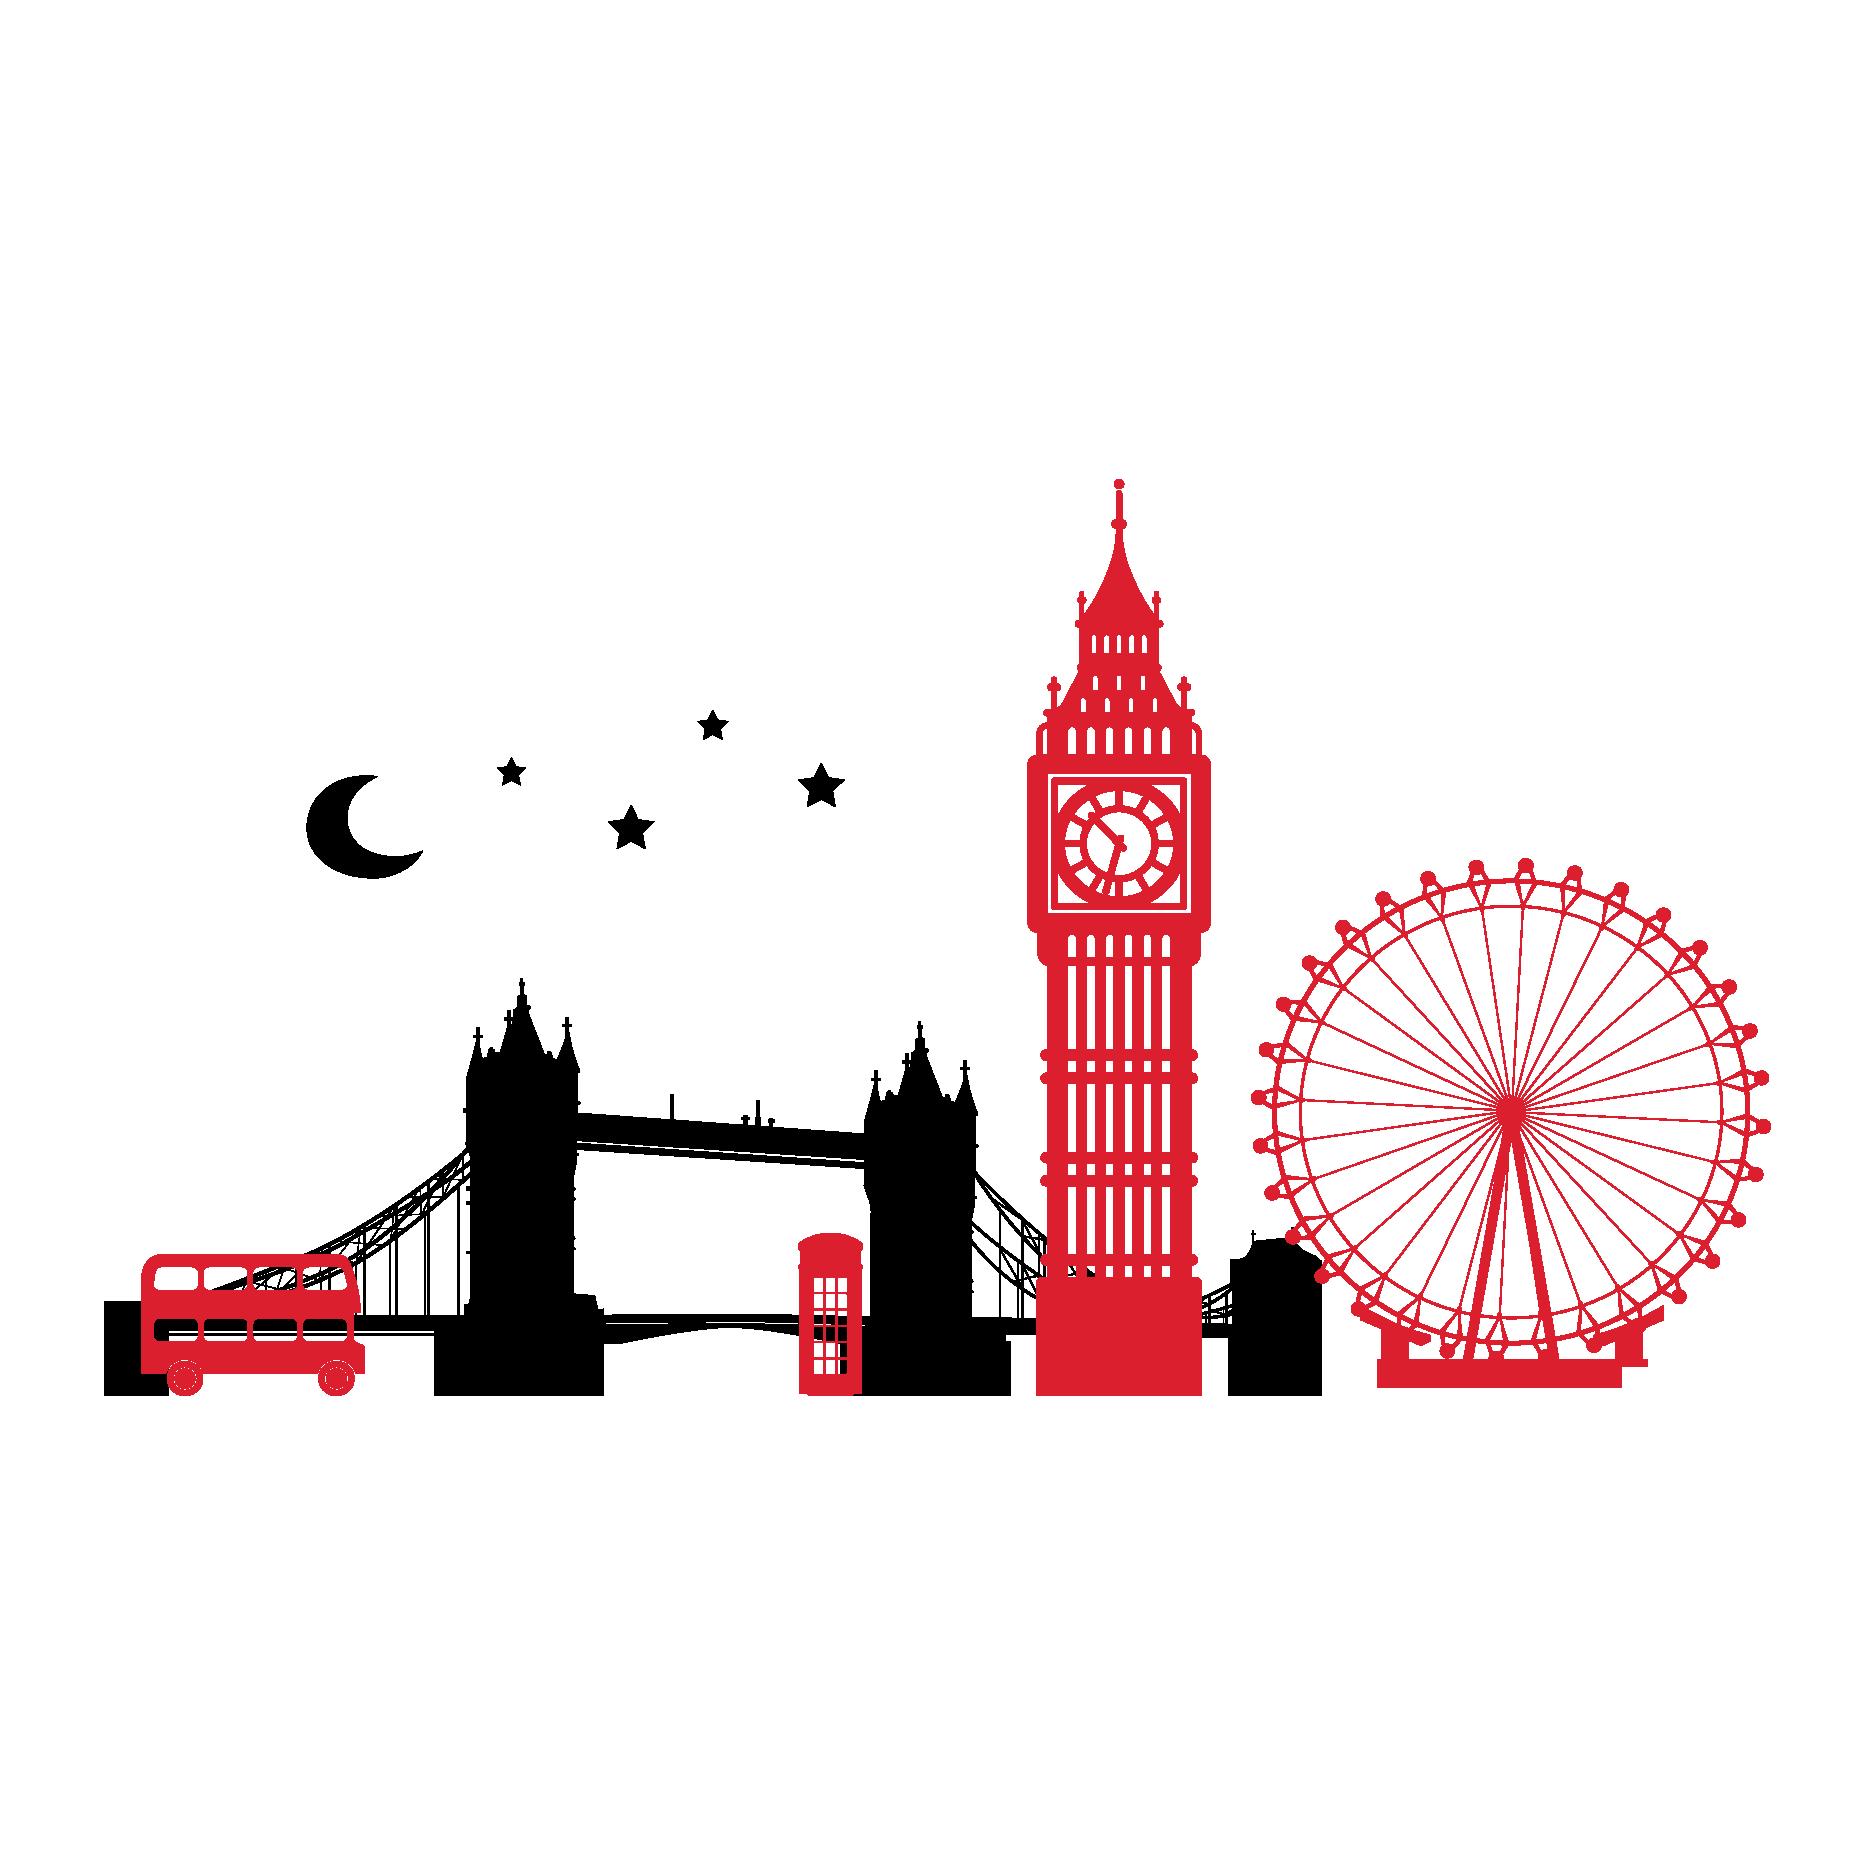 London clipart travel london, London travel london Transparent ...